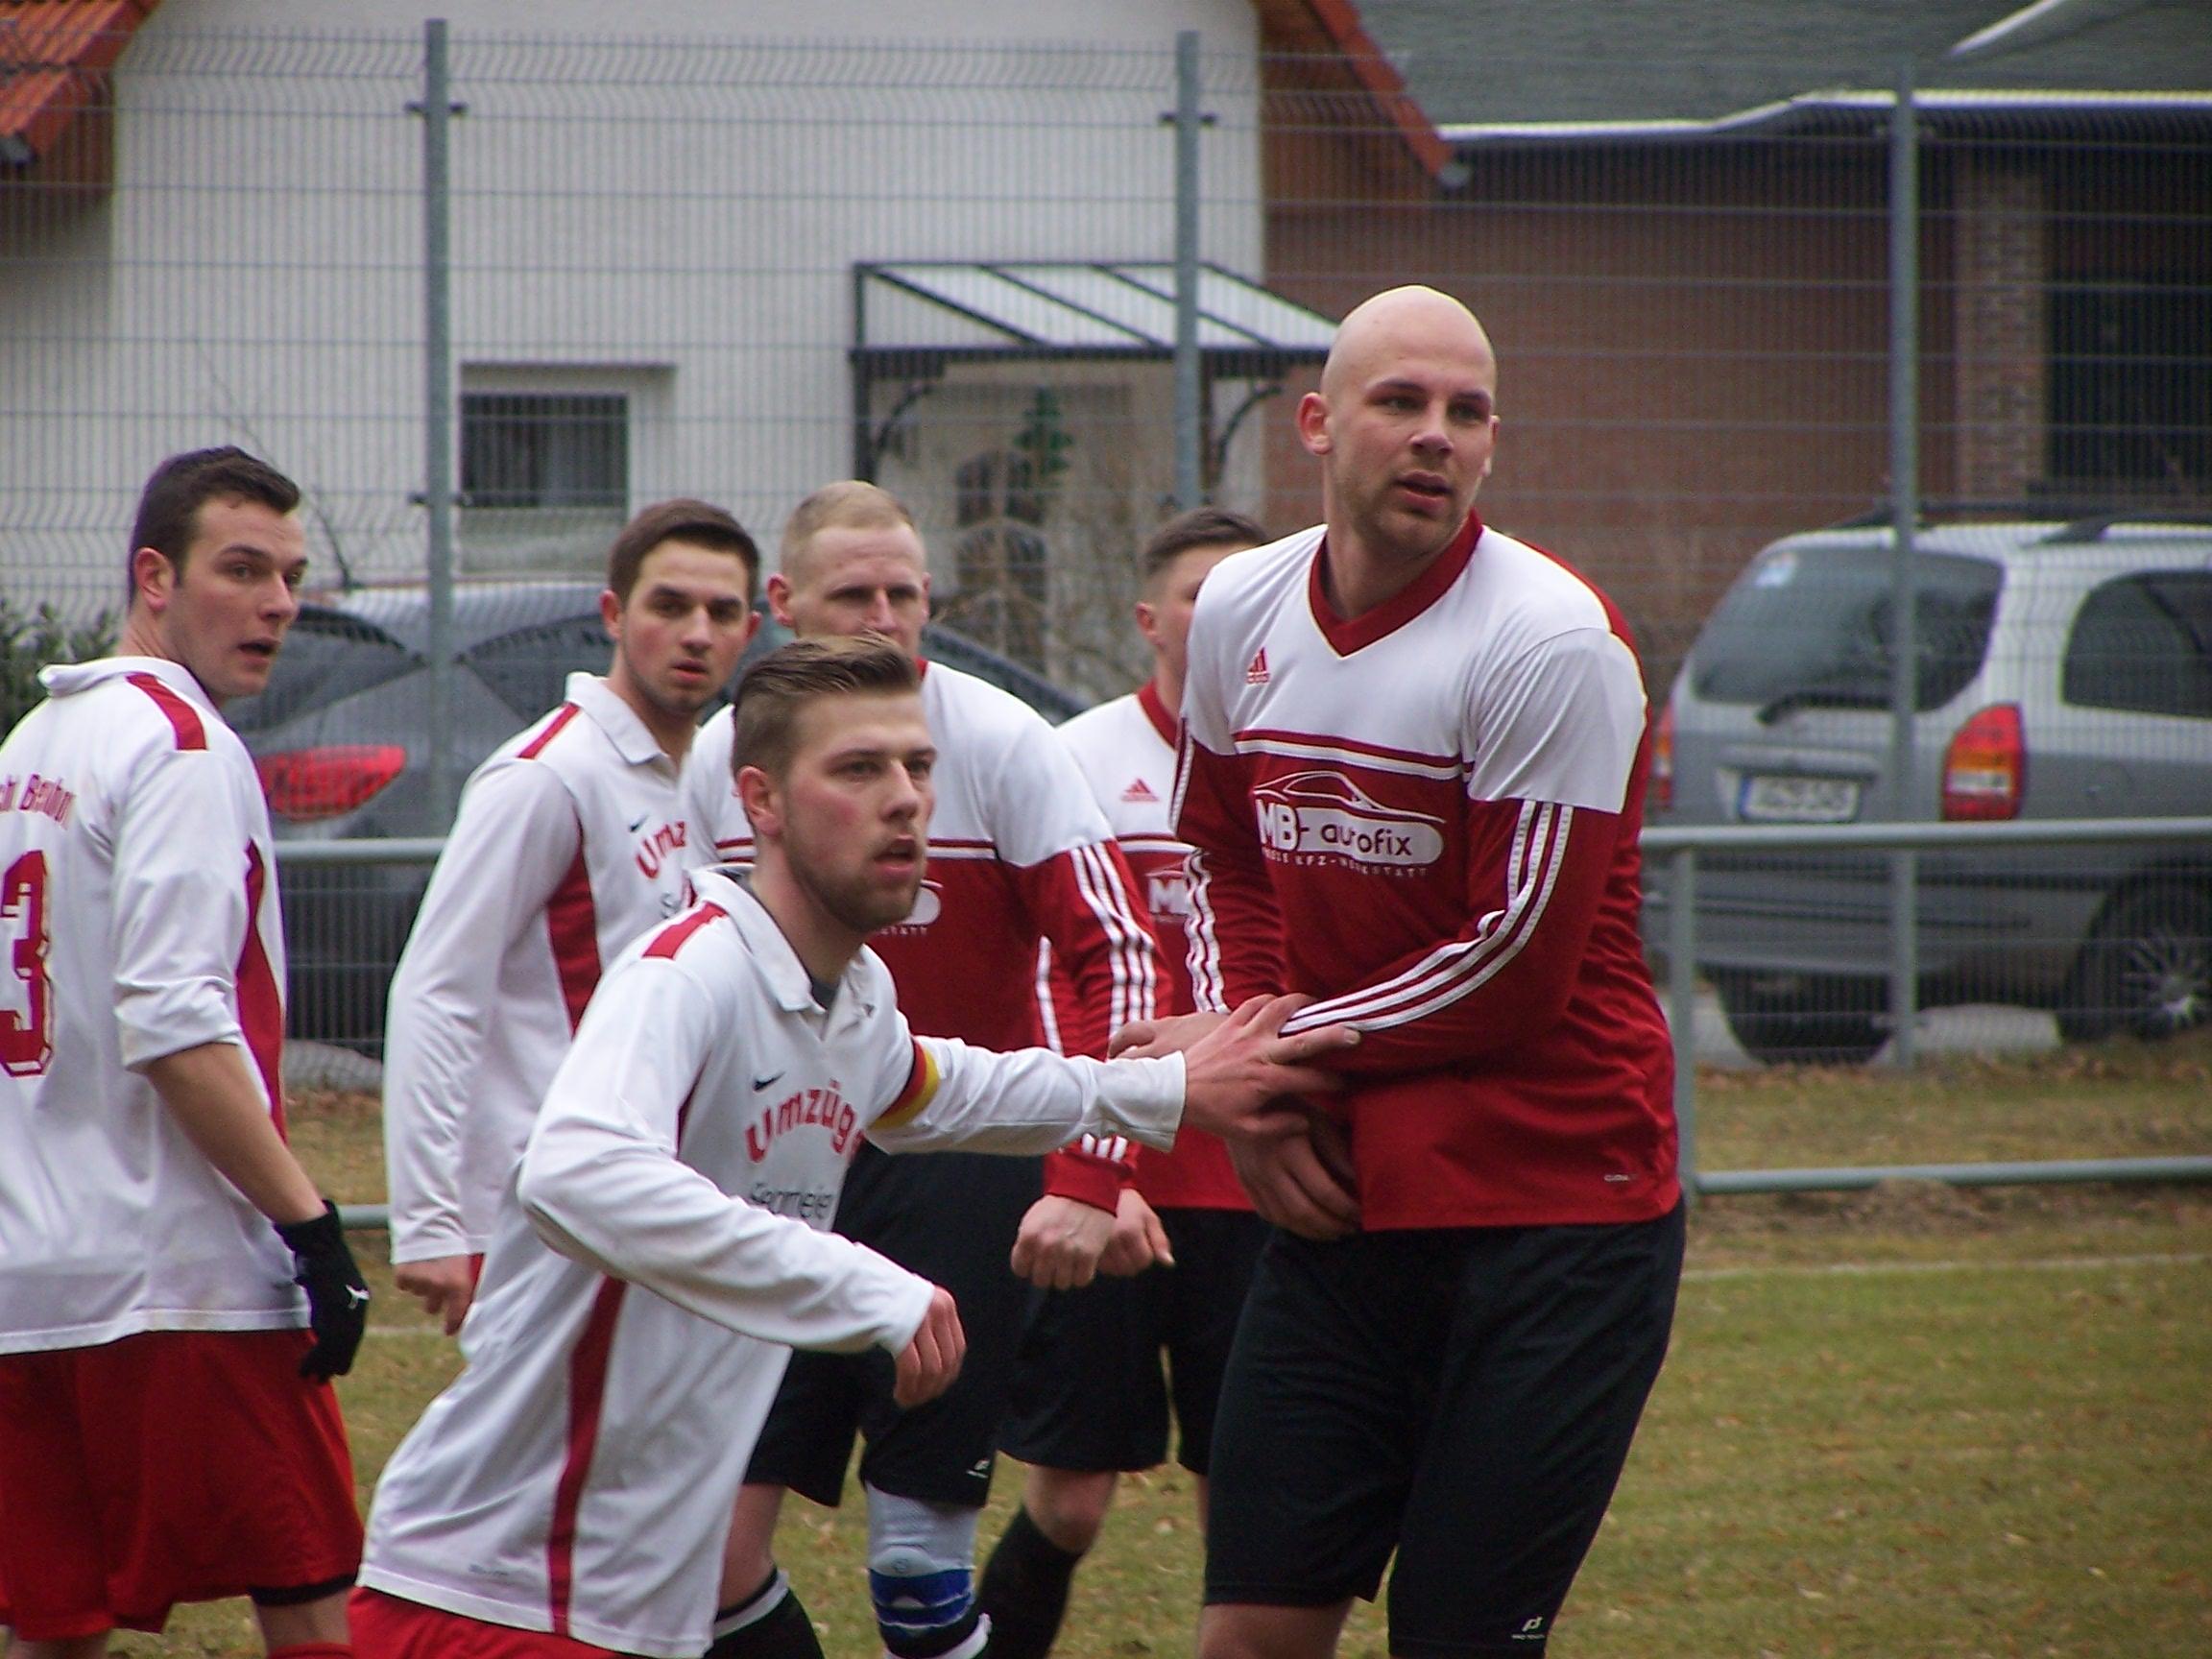 Eine Schwalbe bringt die Vorentscheidung – Behrenhoff verliert das Spiel der Saison